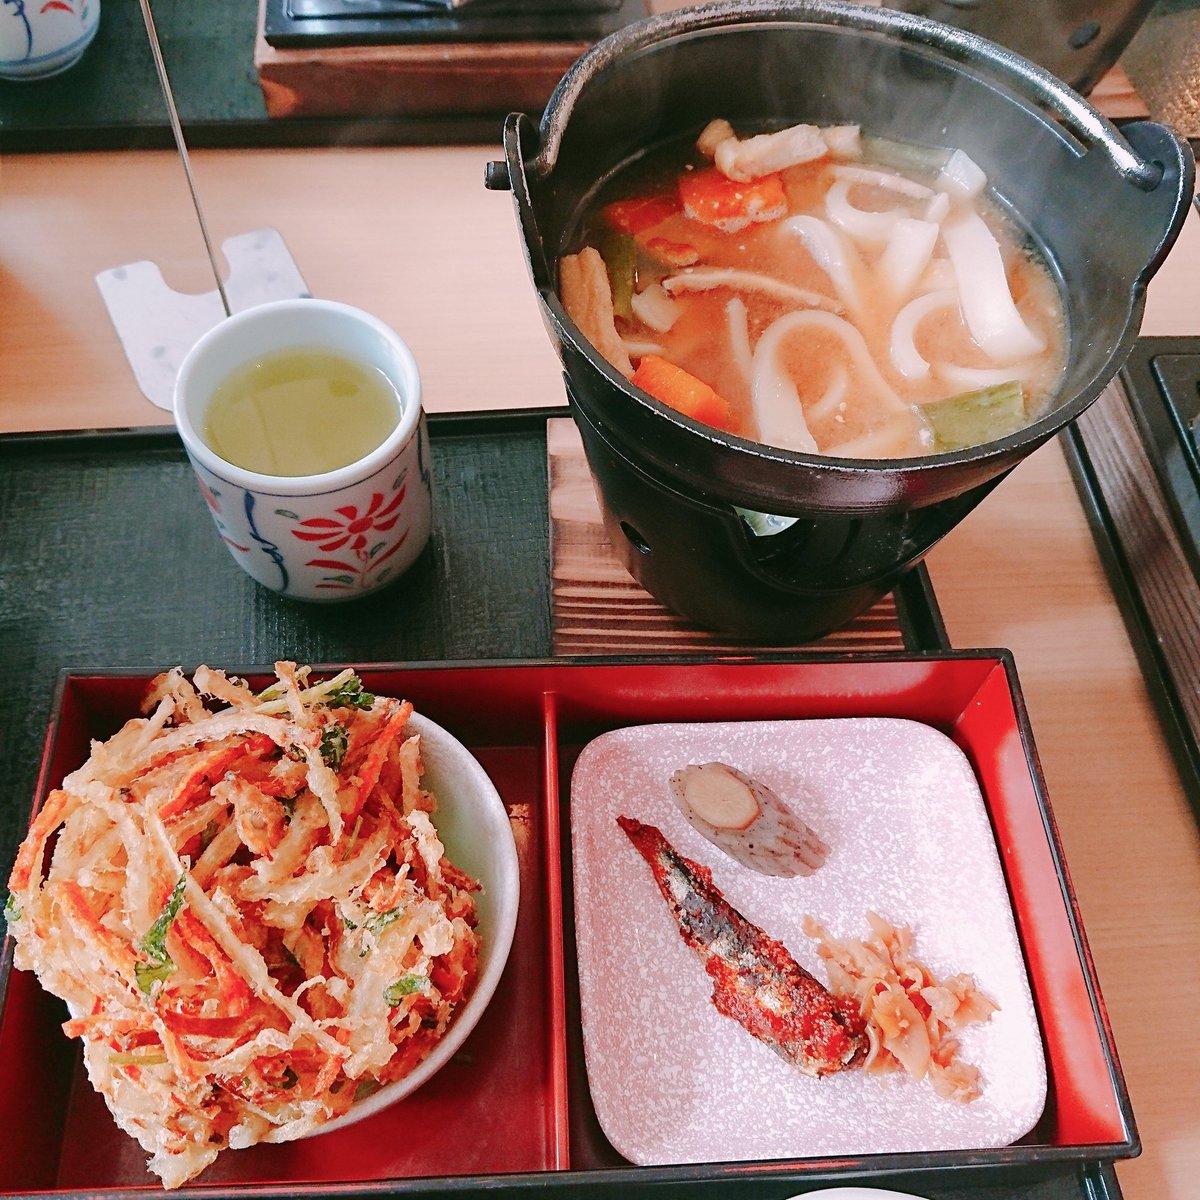 私実はほうとうと炊き込みご飯とかき揚げが大好きなんだよね #山梨FUJIフルーツパーク https://t.co/LG4aT54458